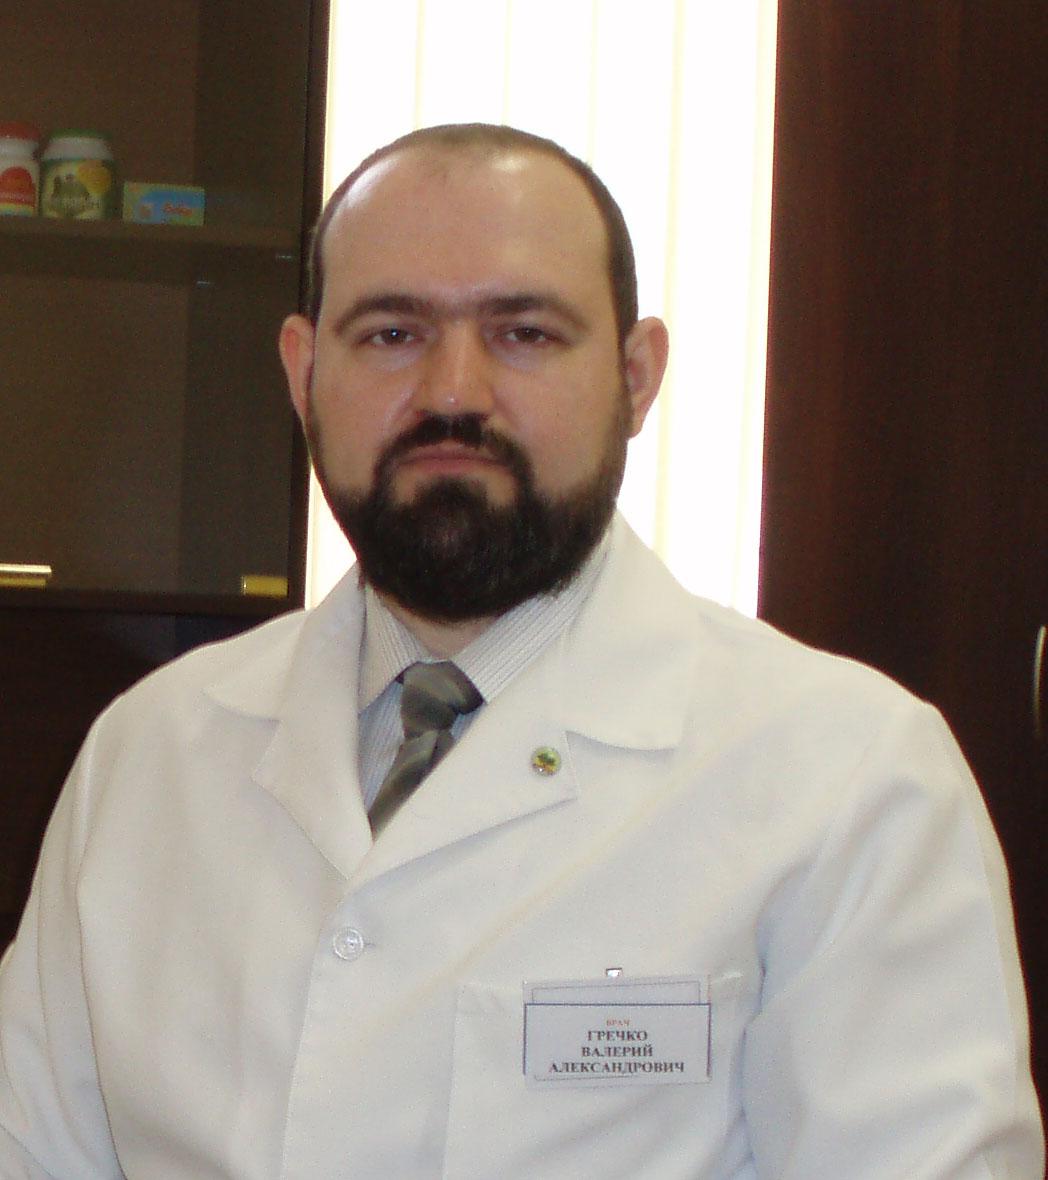 Гречко Валерий Александрович  Врач-терапевт 1й категории, эндокринолог, гомеопат